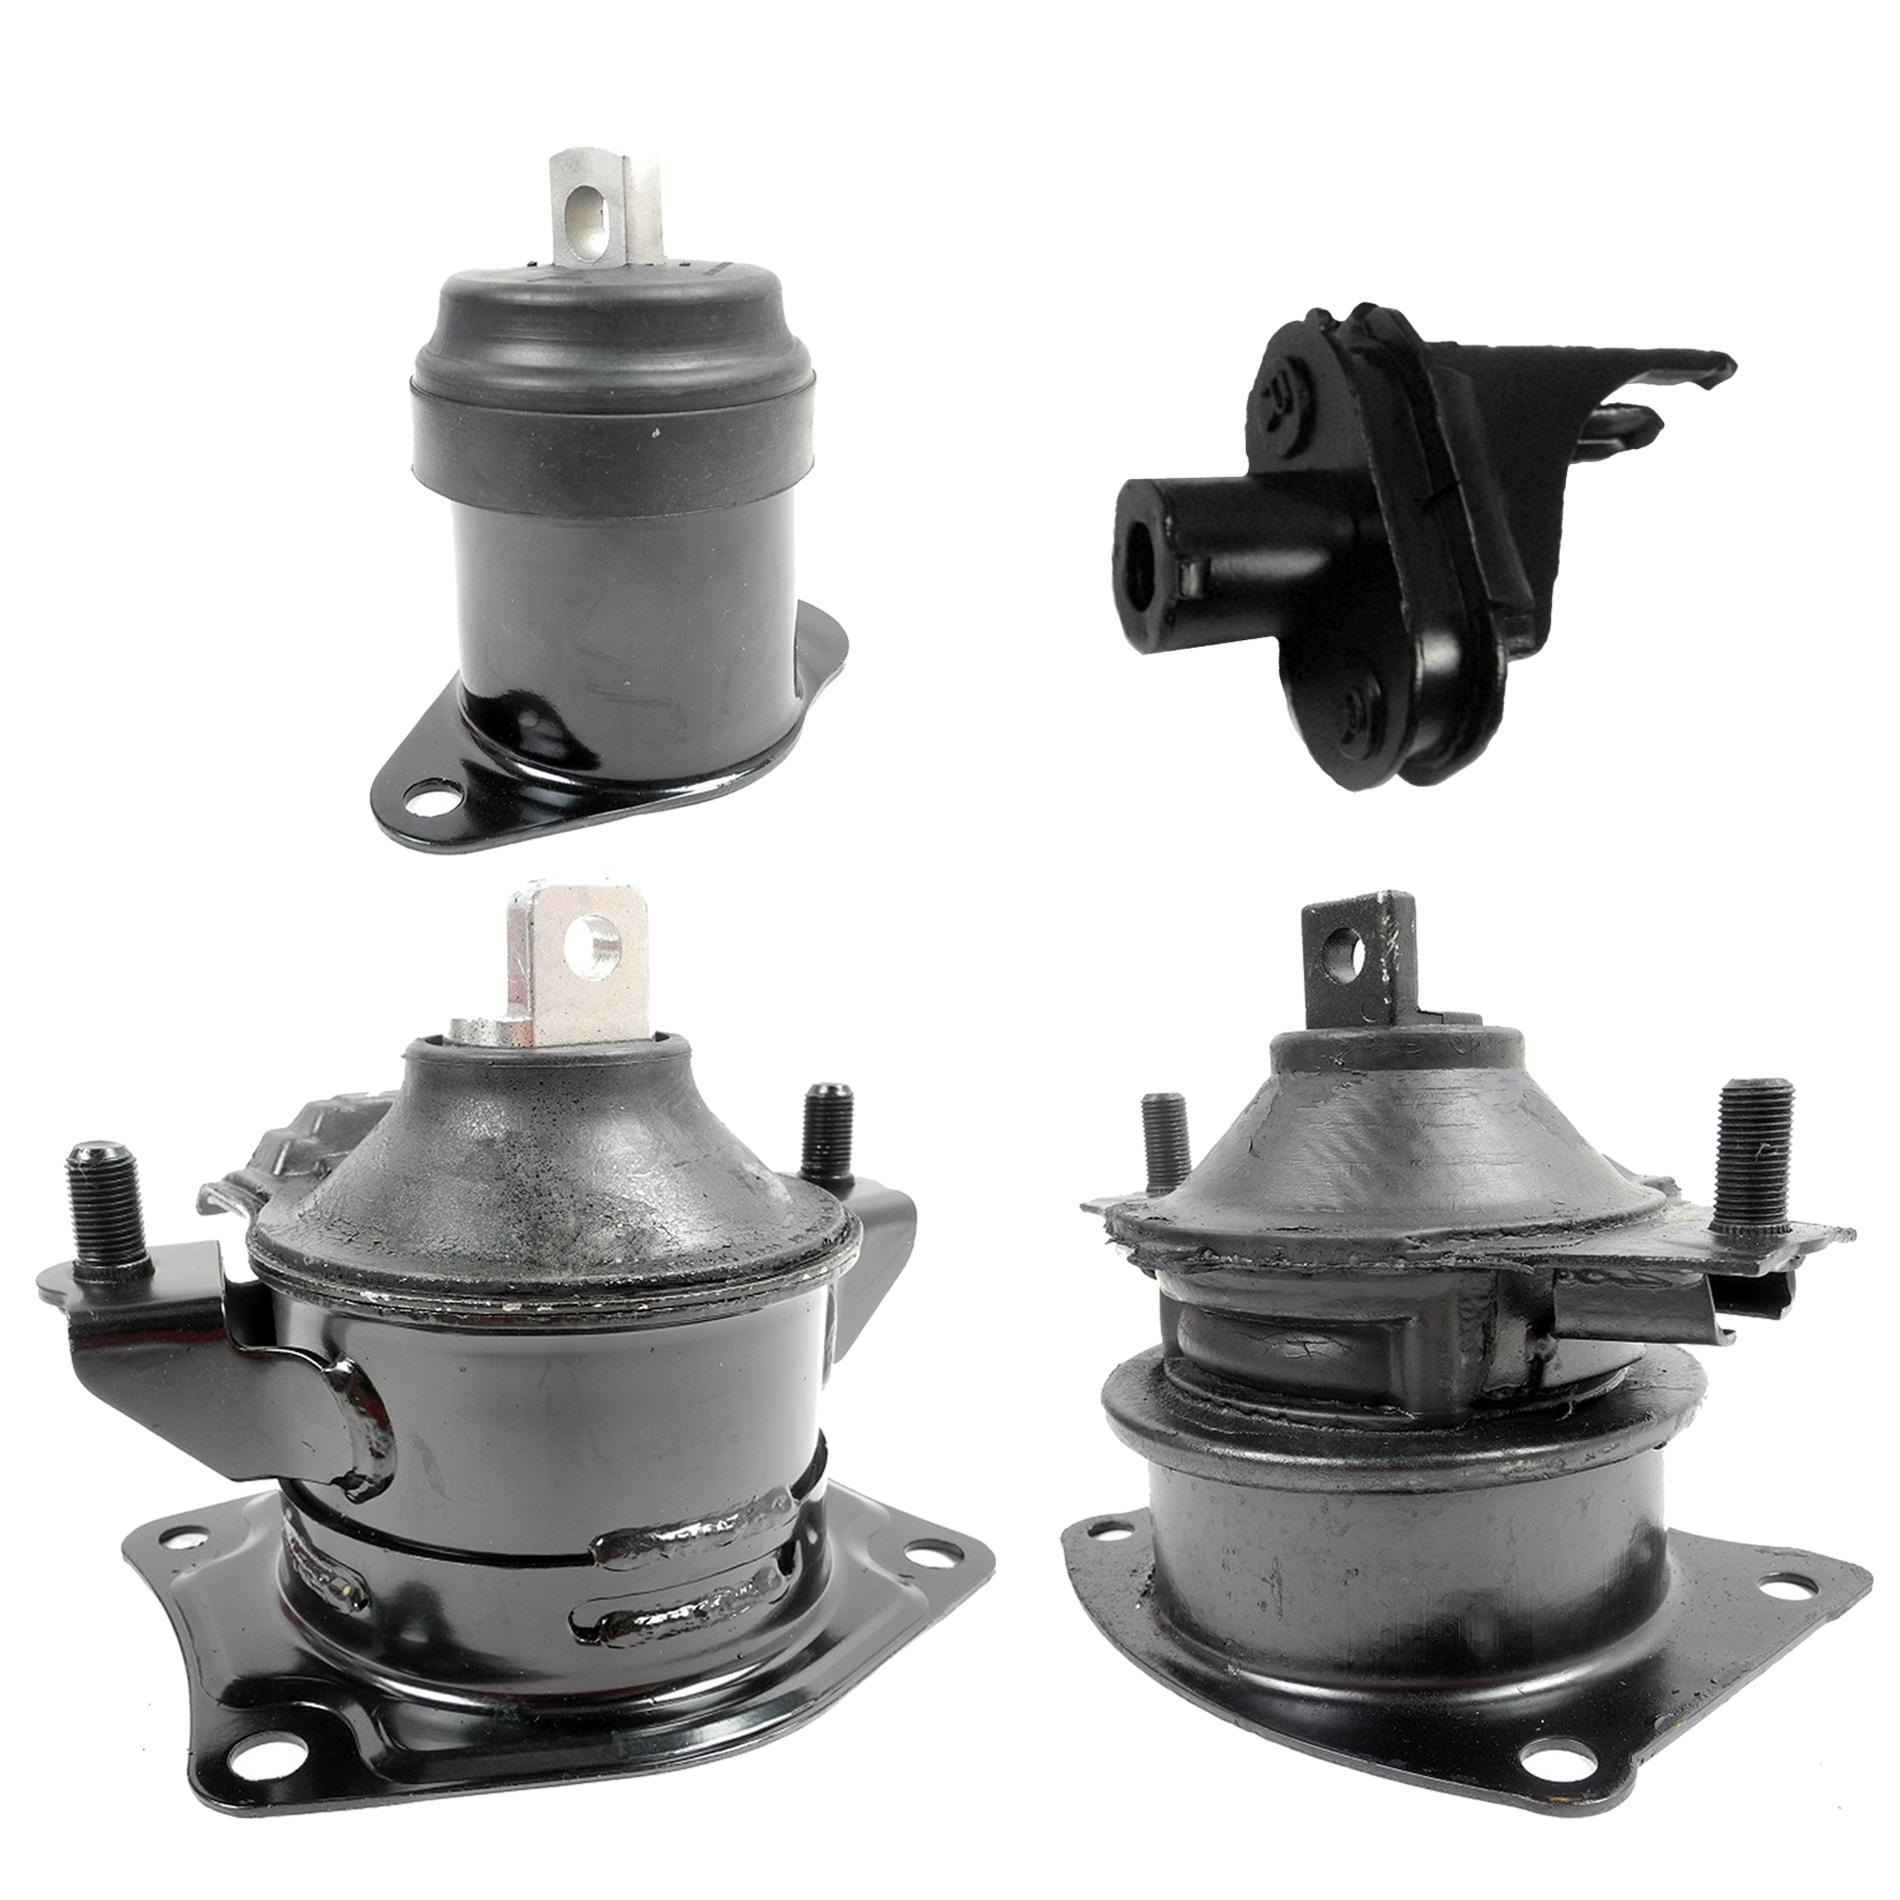 For Acura Tsx Base 2.4L Engine Motor Mount Set 4PCS 4526